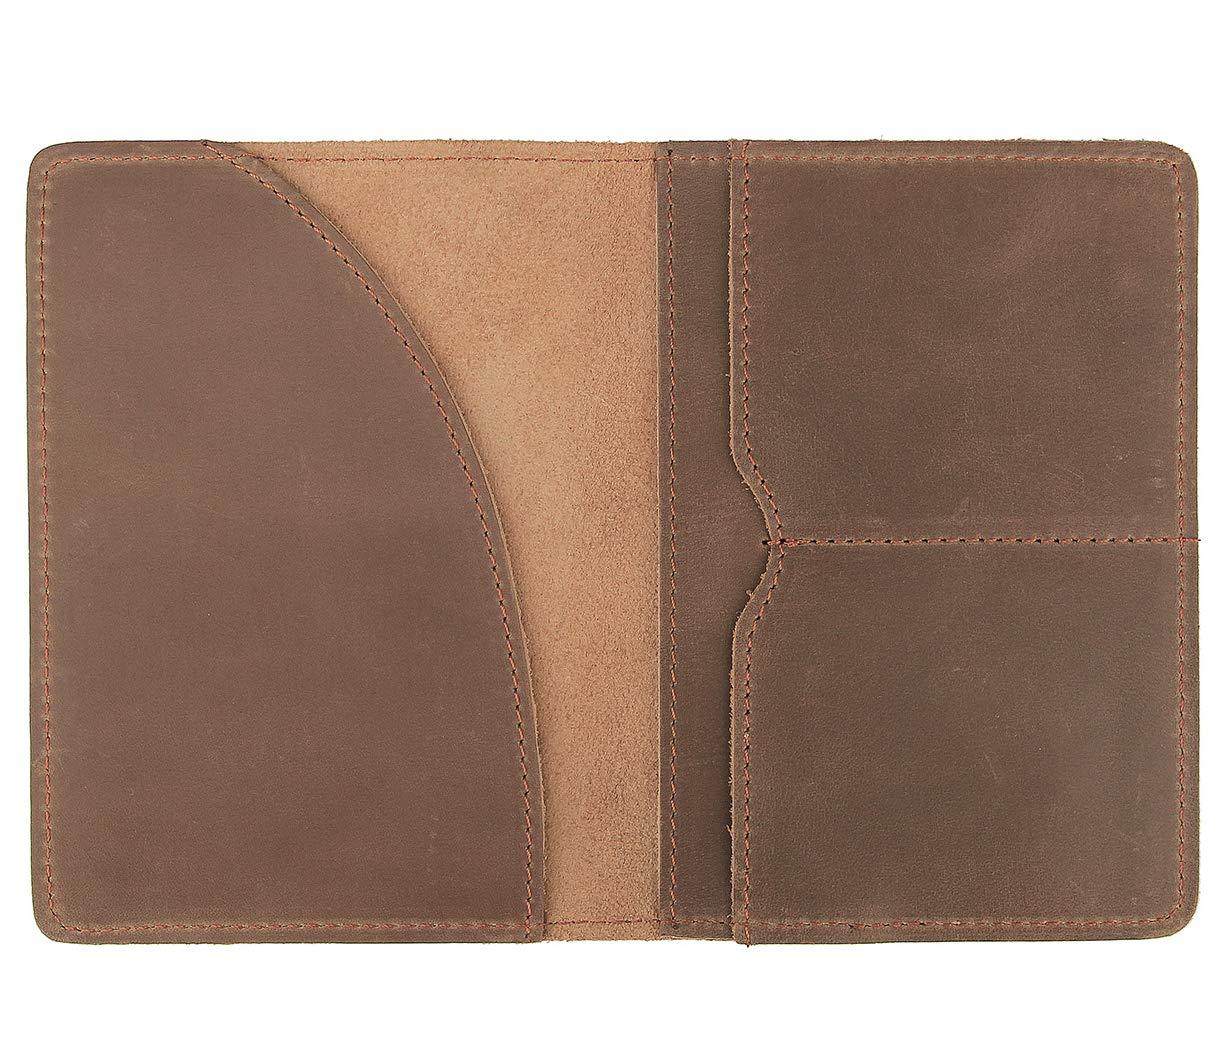 Polare Men's Slim Full Grain Leather Passport Card Holder Travel Wallet